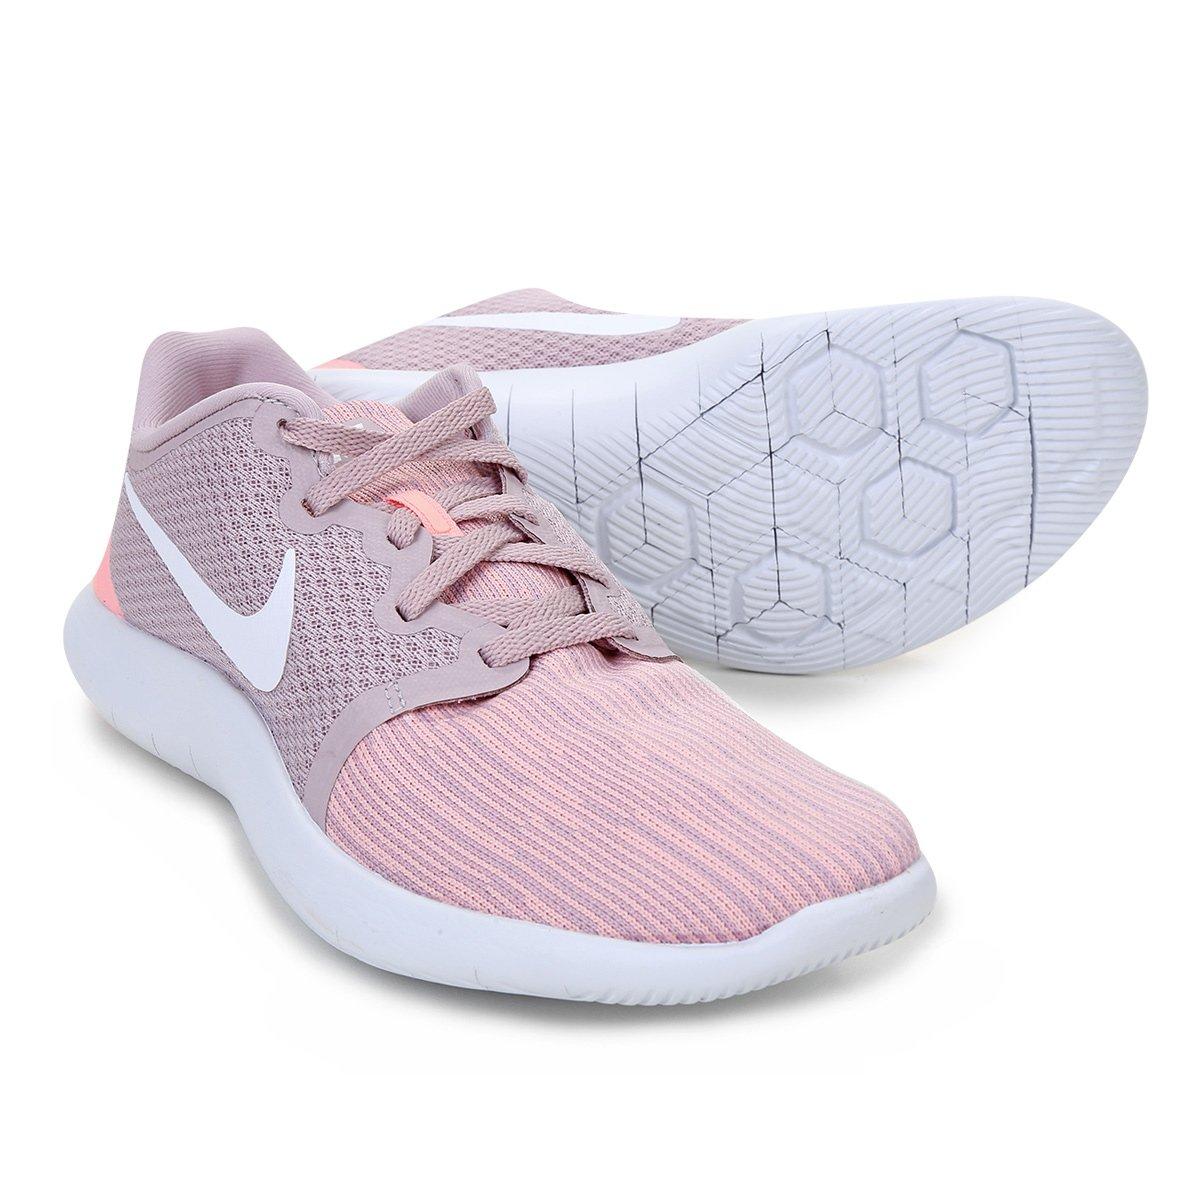 2eec27c6a Tênis Nike Flex Contact 2 Feminino - Rosa - Compre Agora